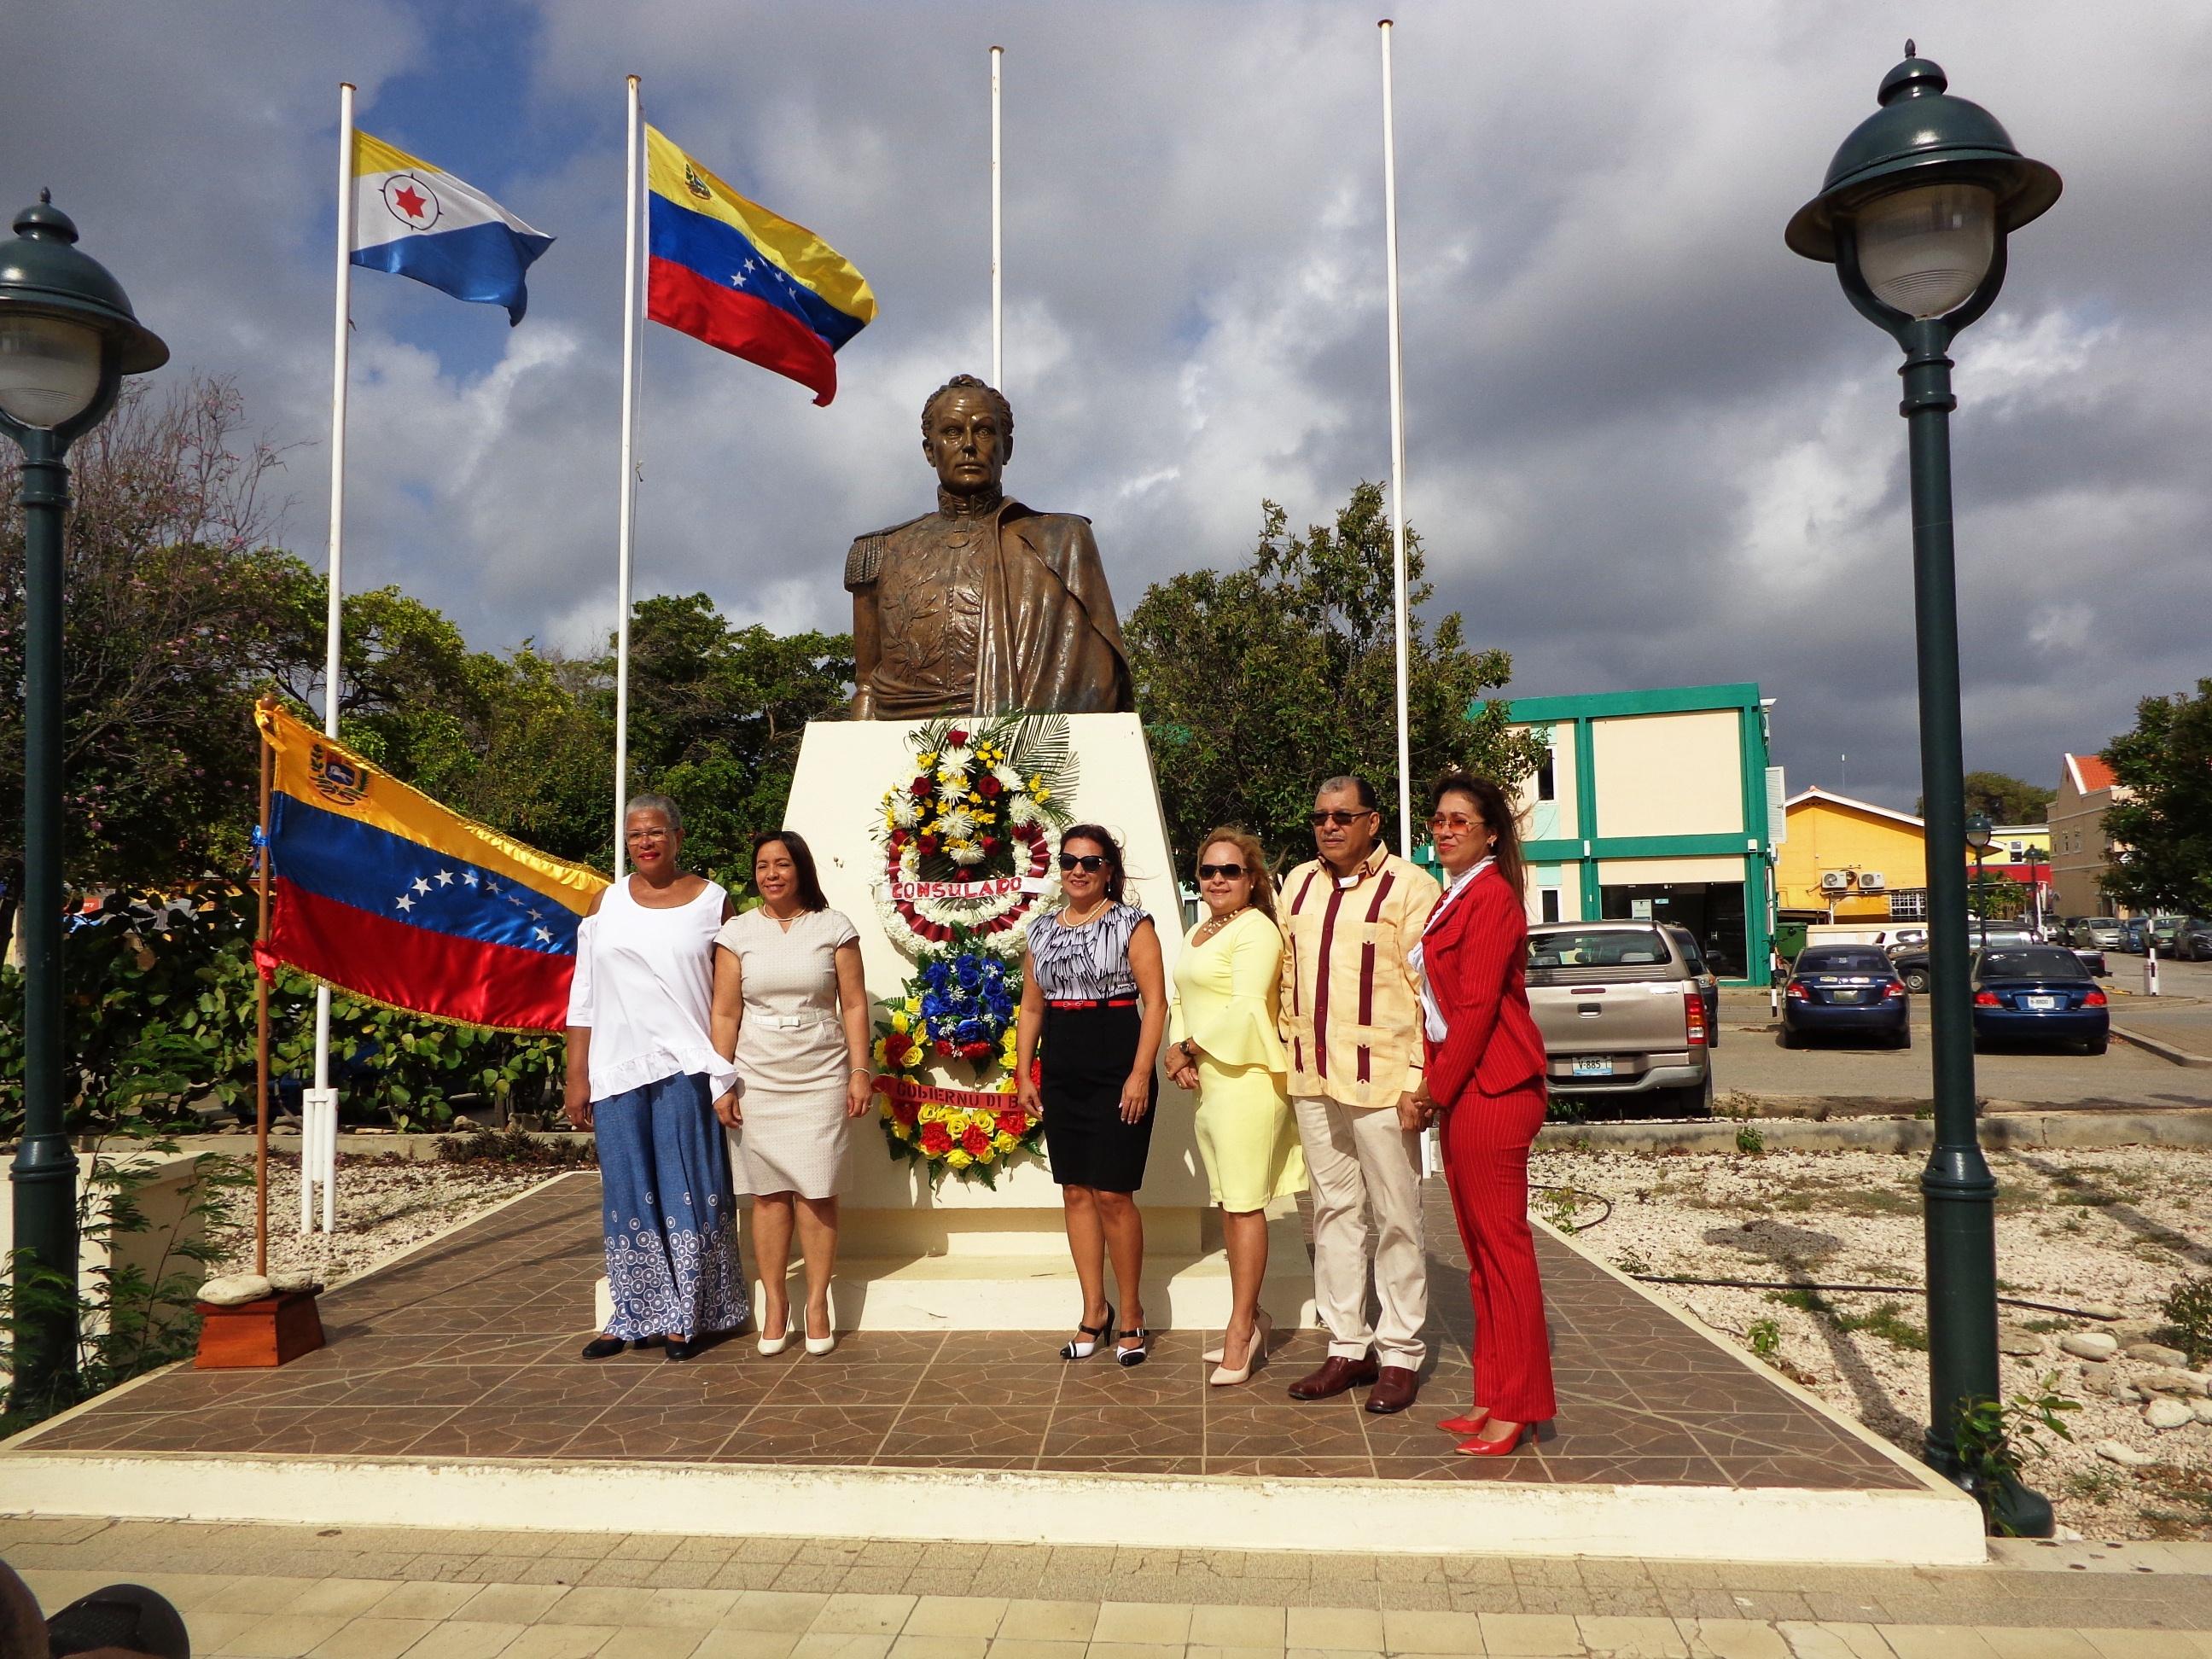 viering 206 onafhankelijkheidsdag Venezuela 2017